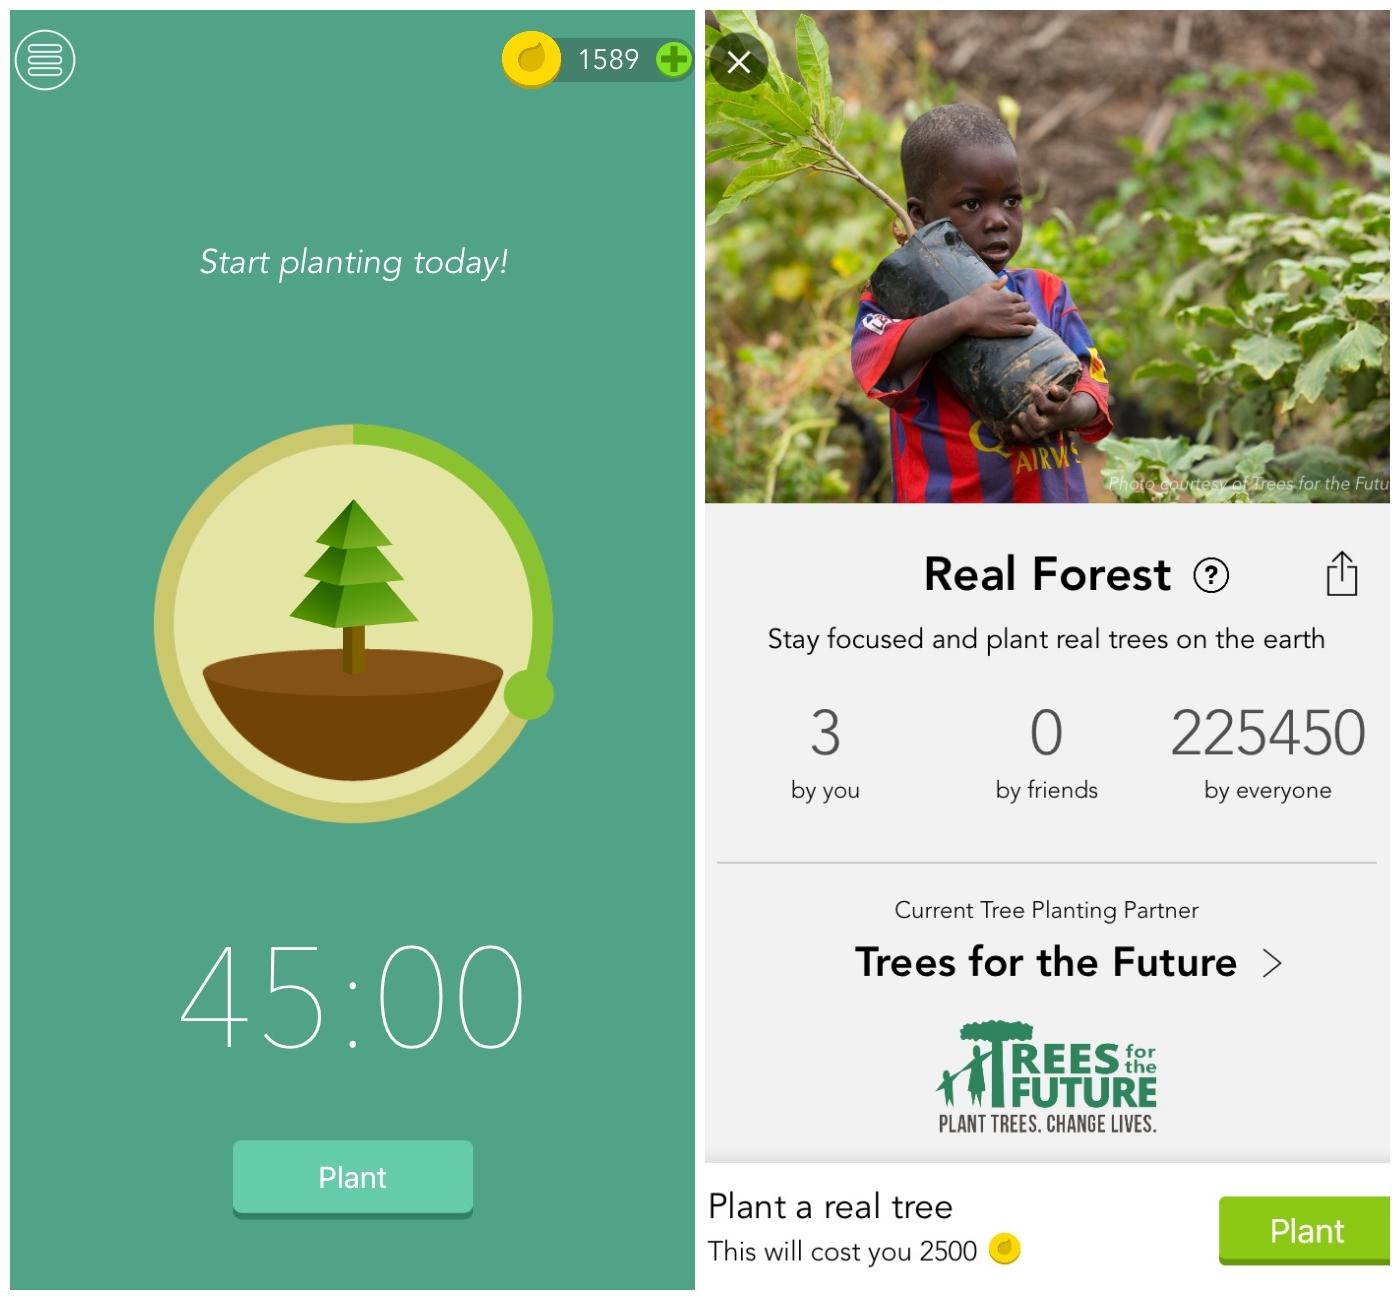 Sovellus-suositus: Forest